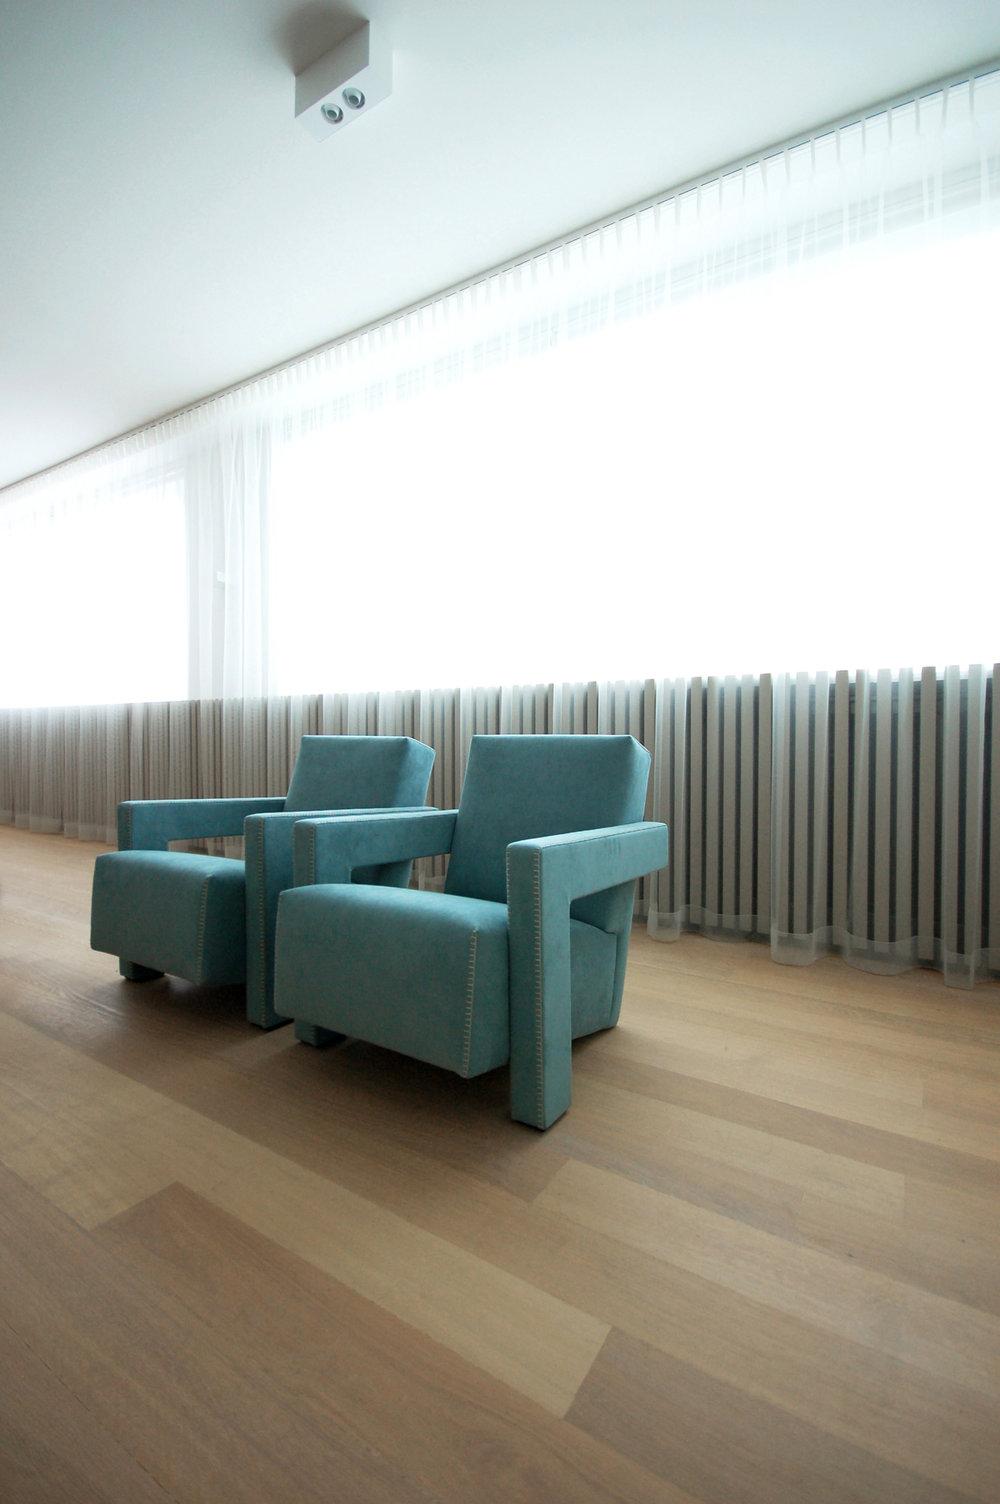 demeestervliegen-architecture-interior-interiorarchitecture-office11.jpg